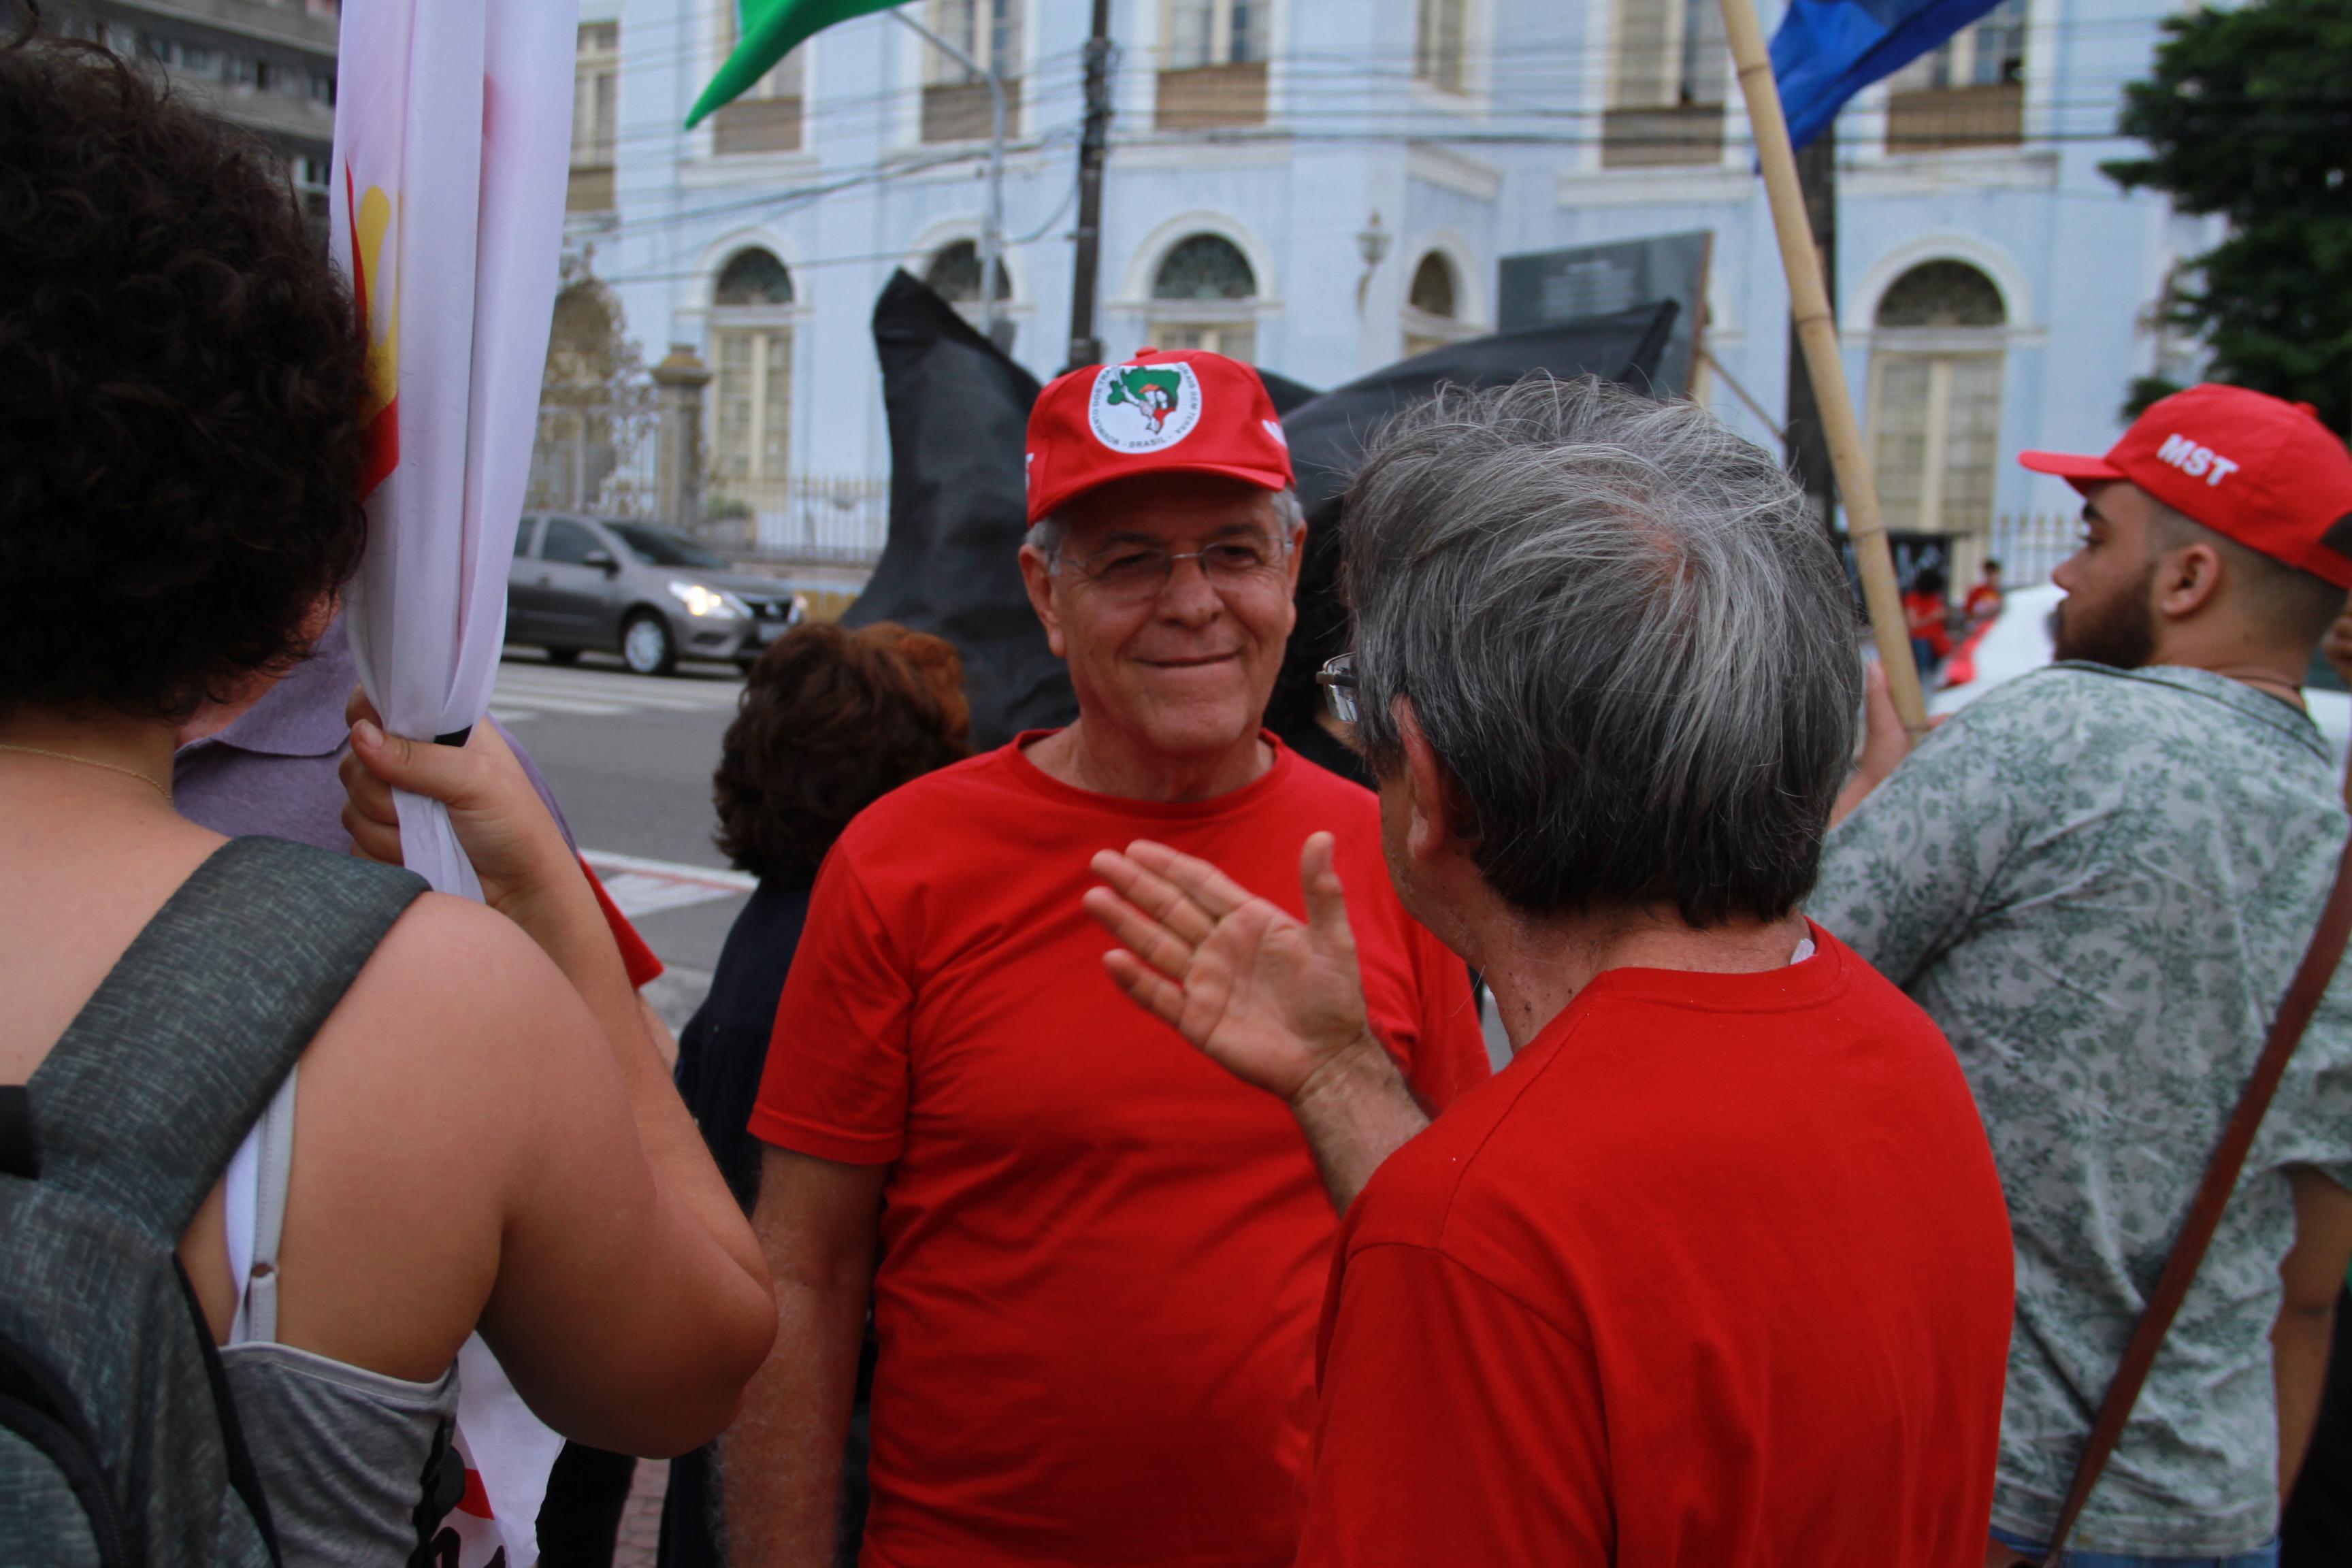 Paralisação Nacional pela Educação. Foto: Enzo FerraroParalisação Nacional pela Educação. Foto: Enzo Ferraro